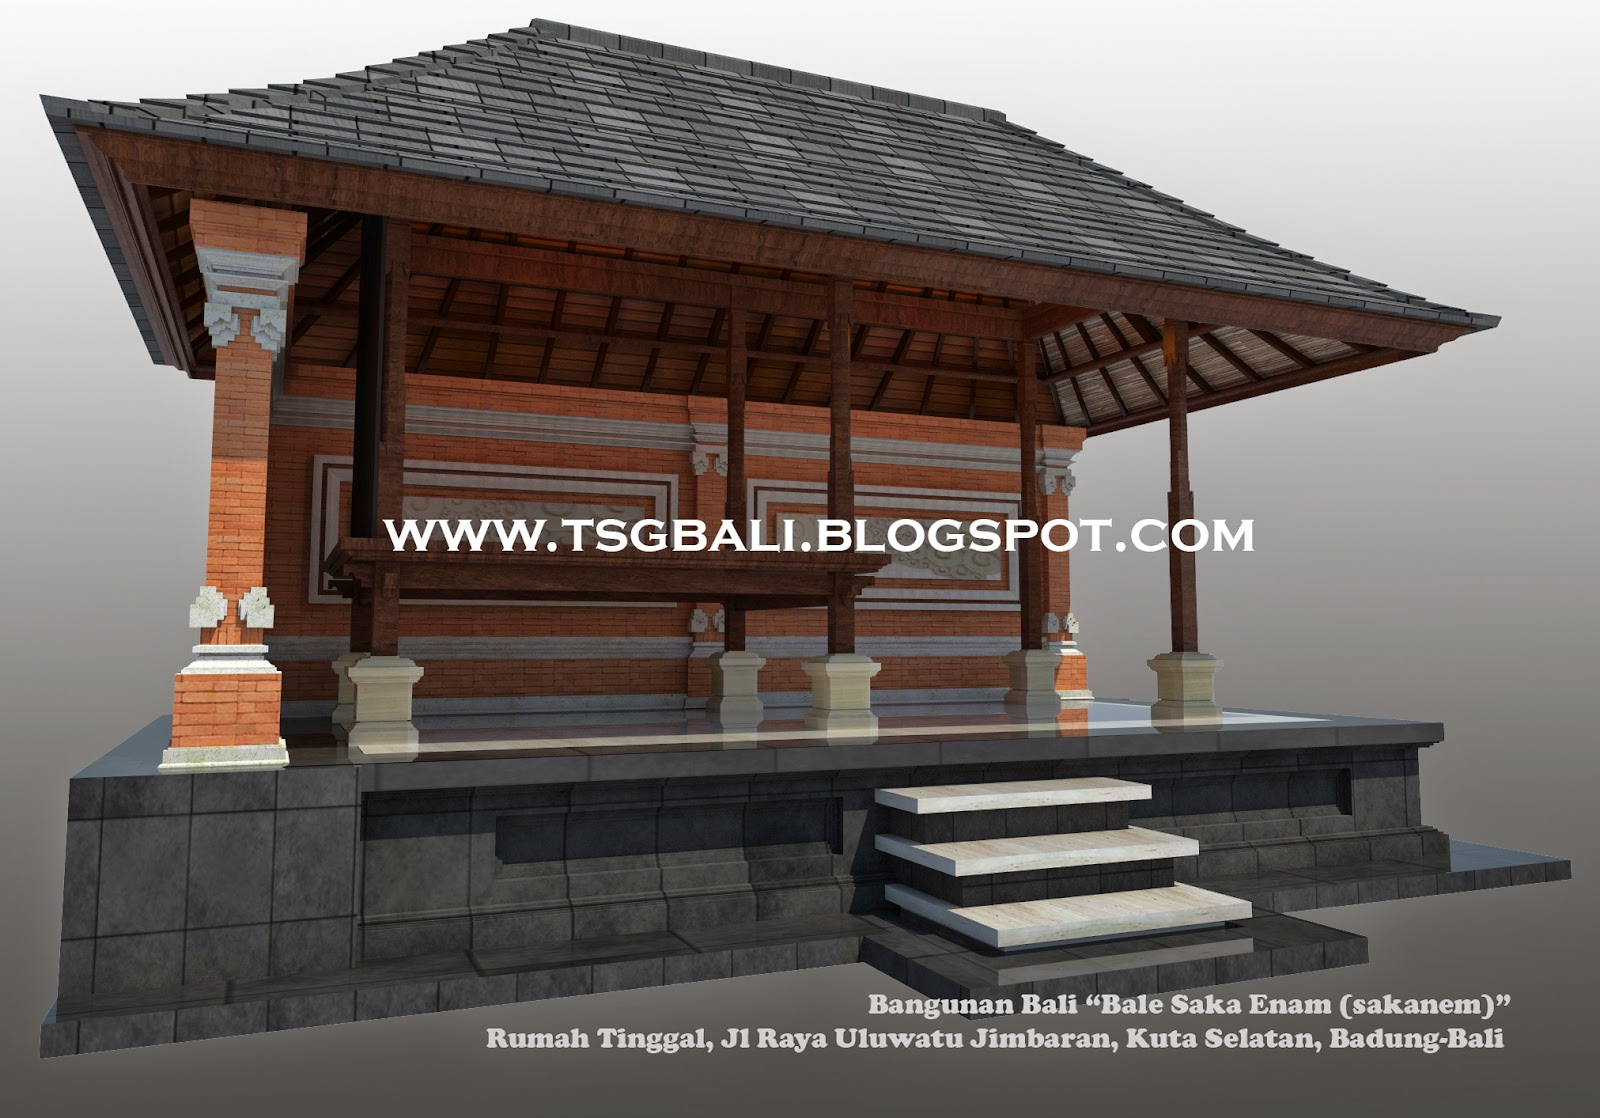 Desain Rumah Bale Bali Bangunan Sakanem I Arsitektur Bali Modern